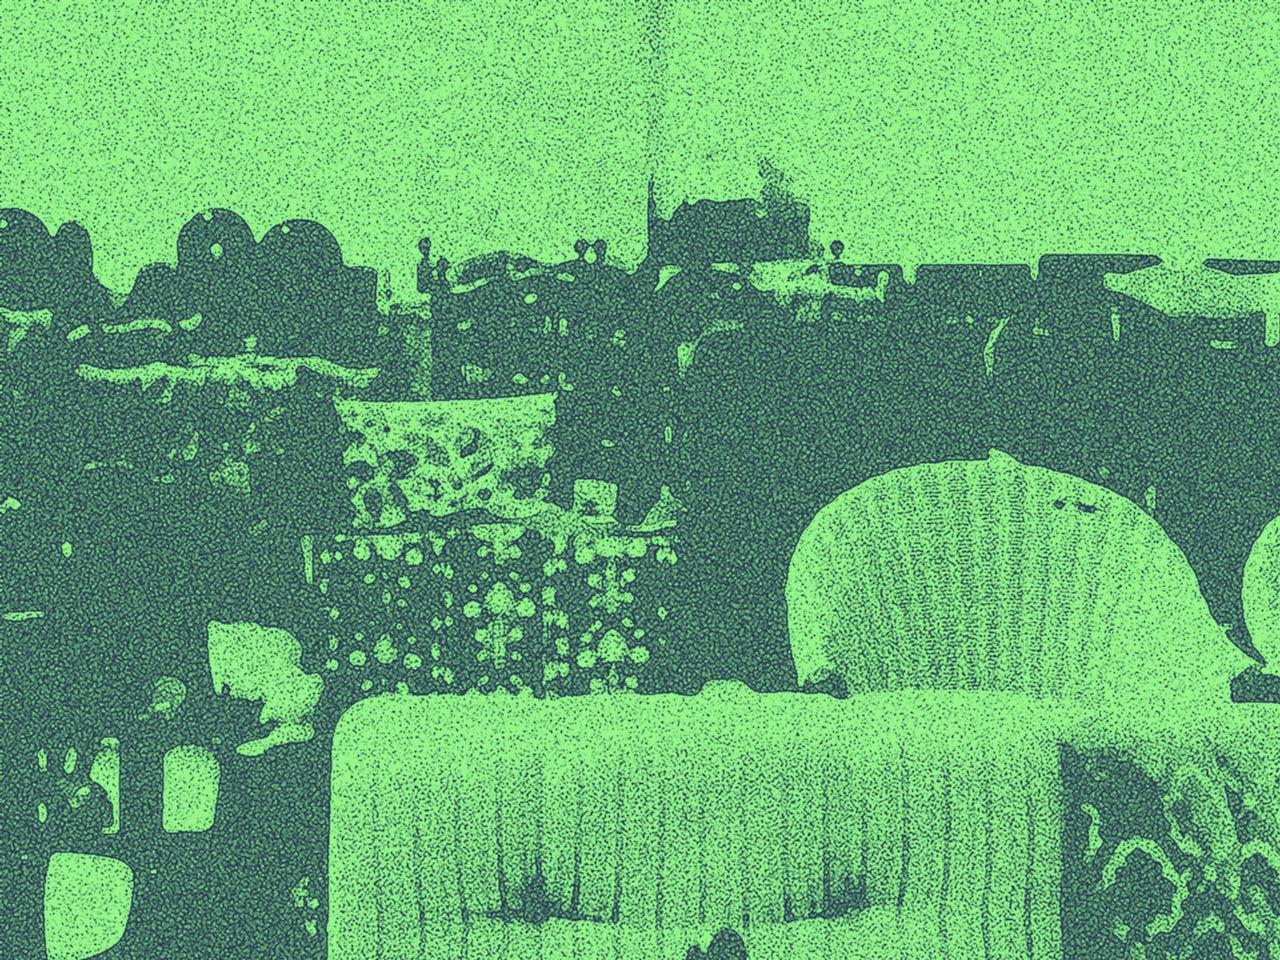 Sessel in einer Möbelhalle